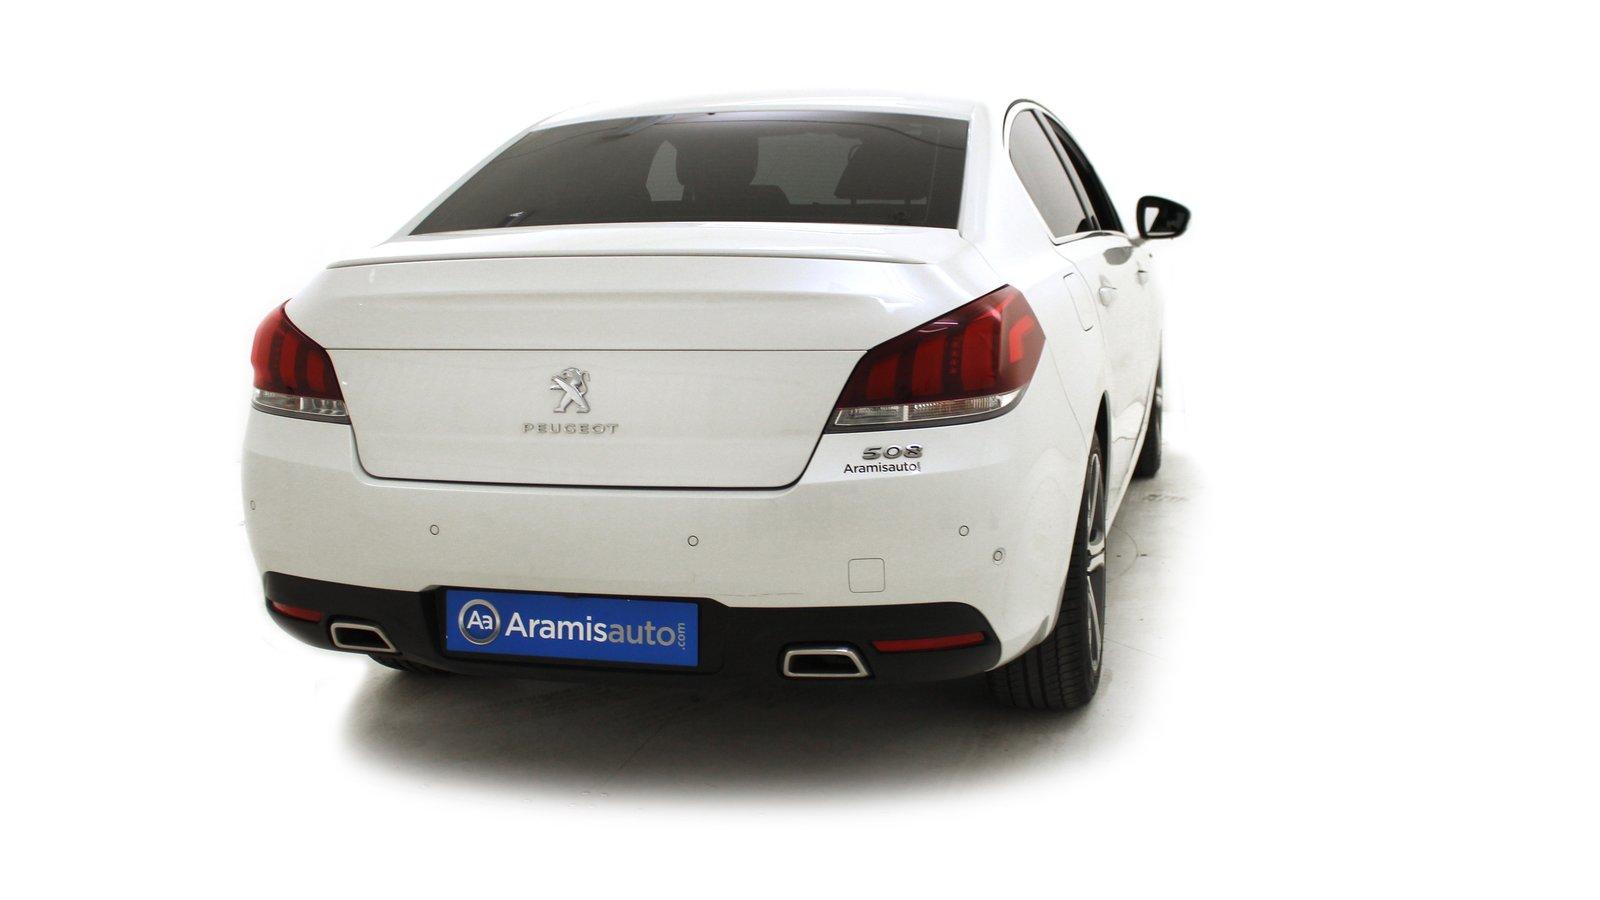 Voiture occasion boite automatique fiat 500 1 2 8v 69ch s - Peugeot 207 5 portes occasion diesel pas cher ...